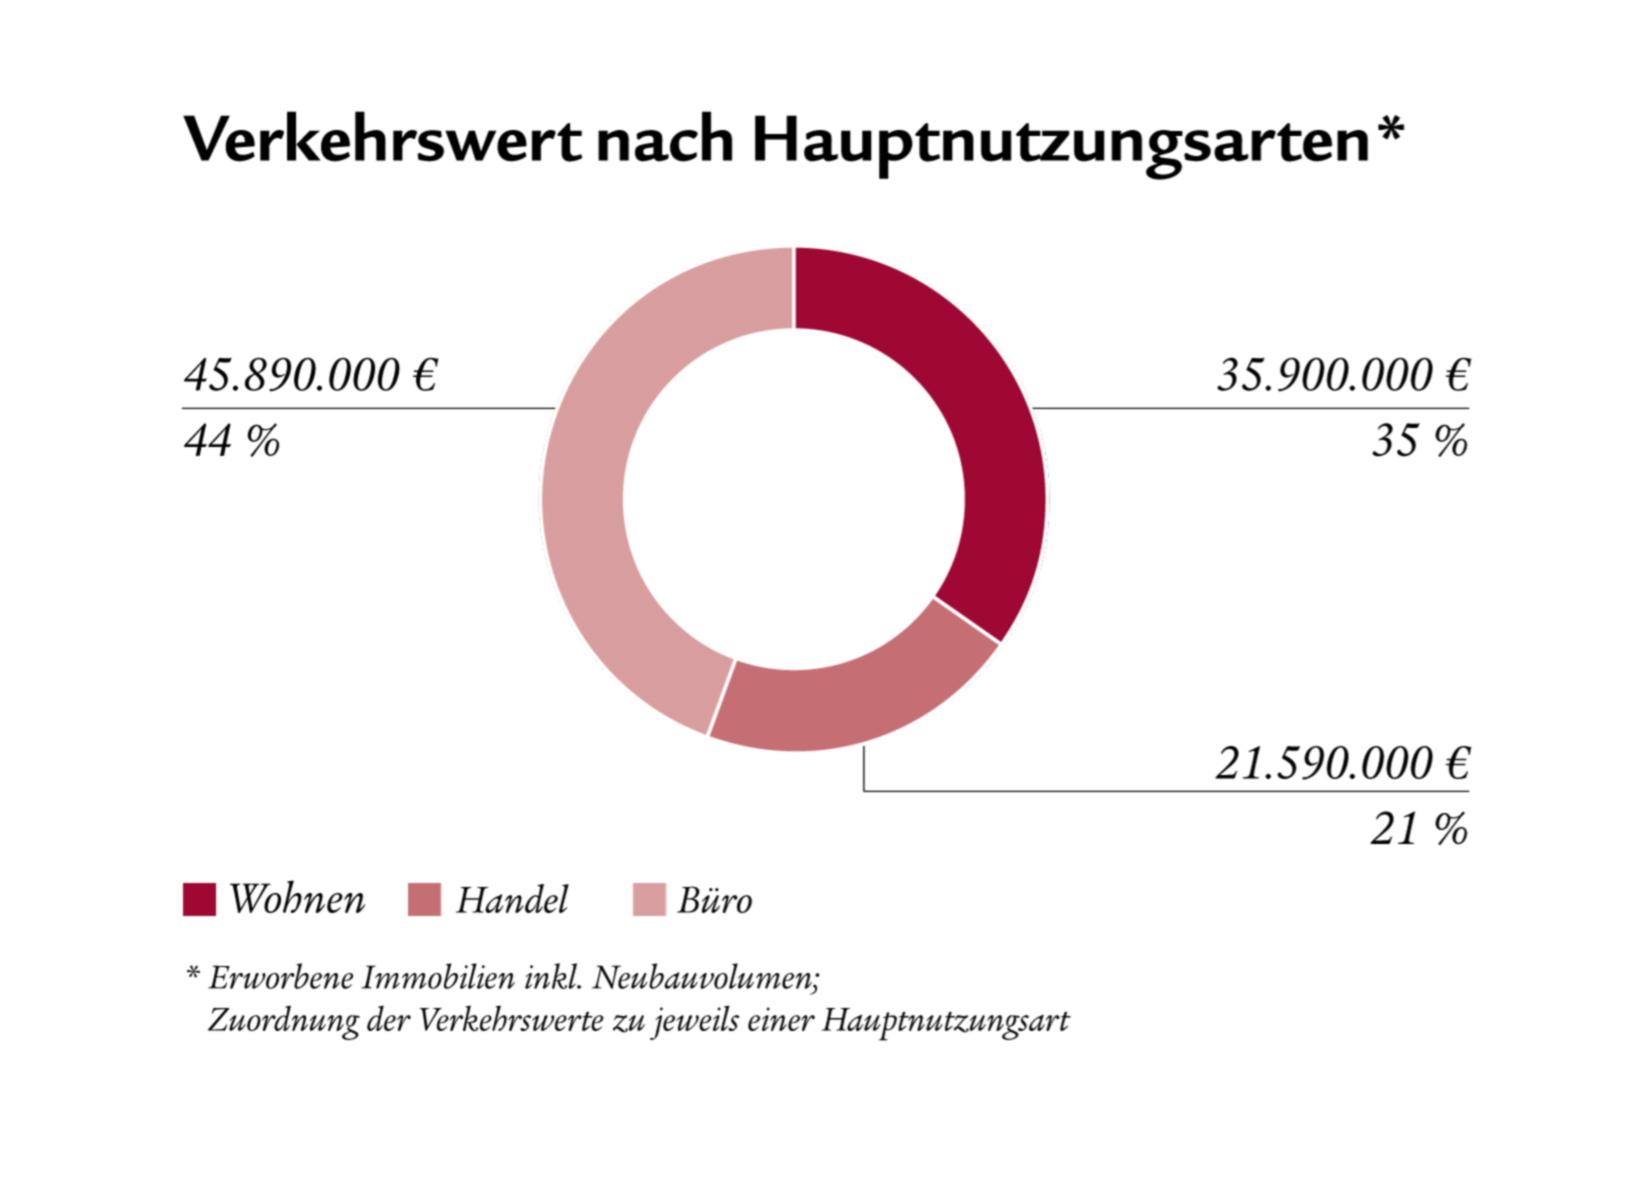 LW-Verkehrswert-nach-Hauptnutzungsarten in Swiss Life startet Vertrieb eines neuen offenen Immobilienfonds